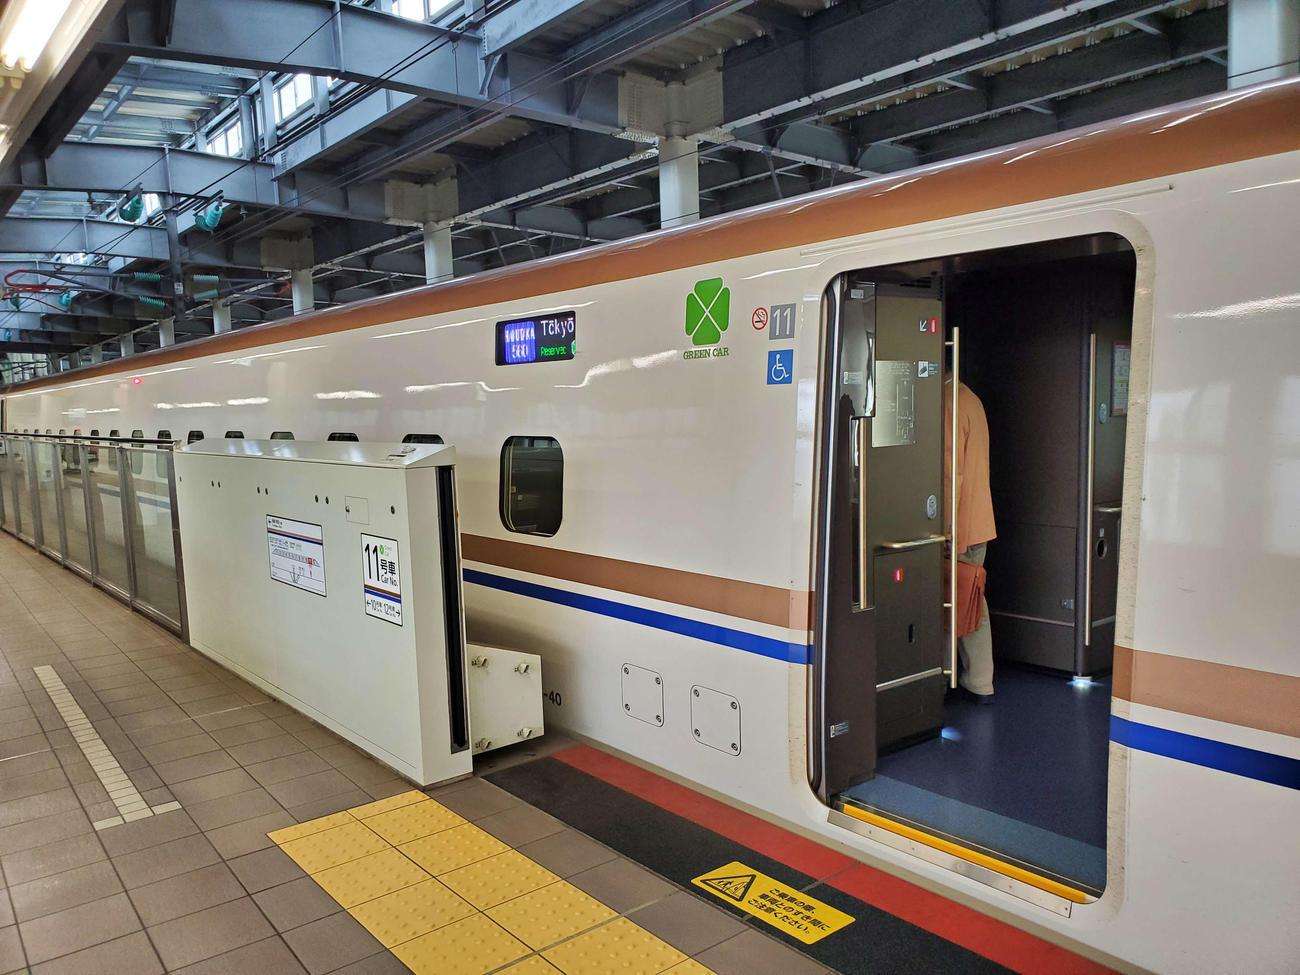 〈12〉金沢から北陸新幹線のグリーン車に乗り込む